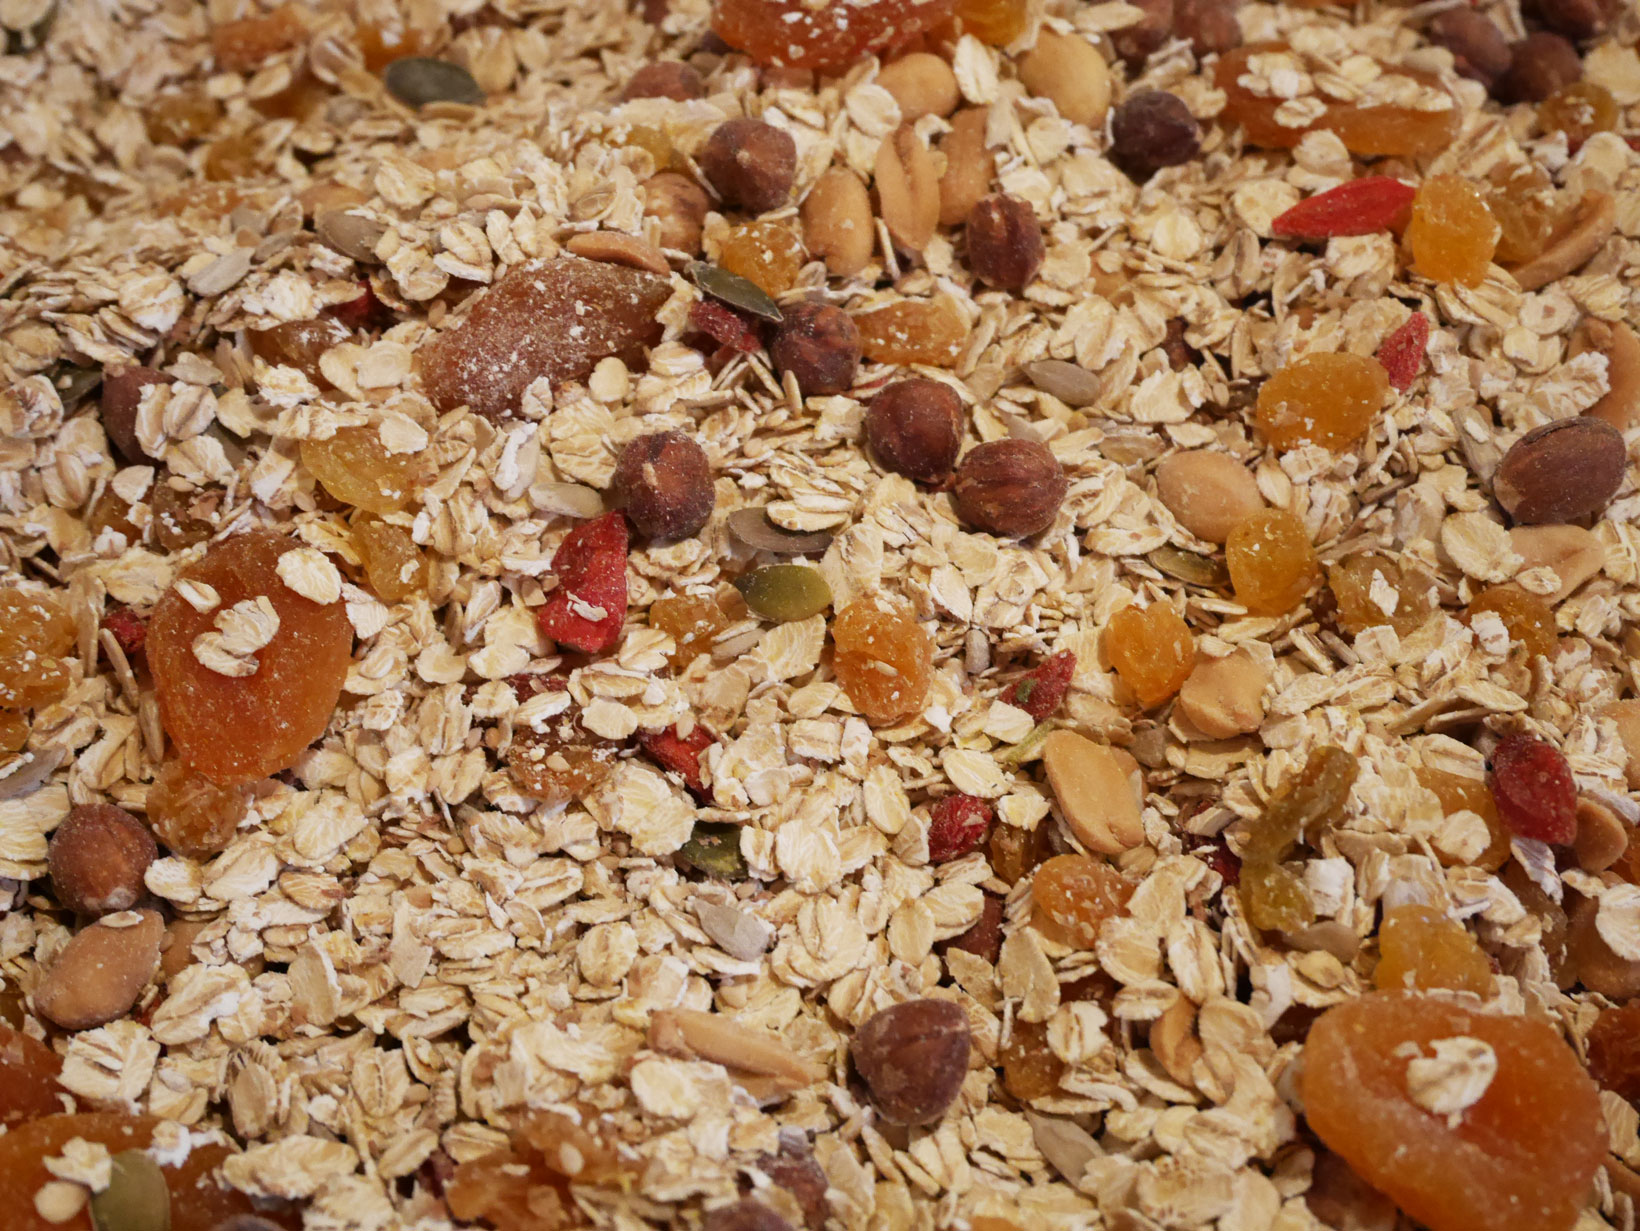 I torkad-frukt-väg bjöd skafferiet på aprikoser (införskaffade i Polen, men det är en annan historia), gojibär och gula russin.